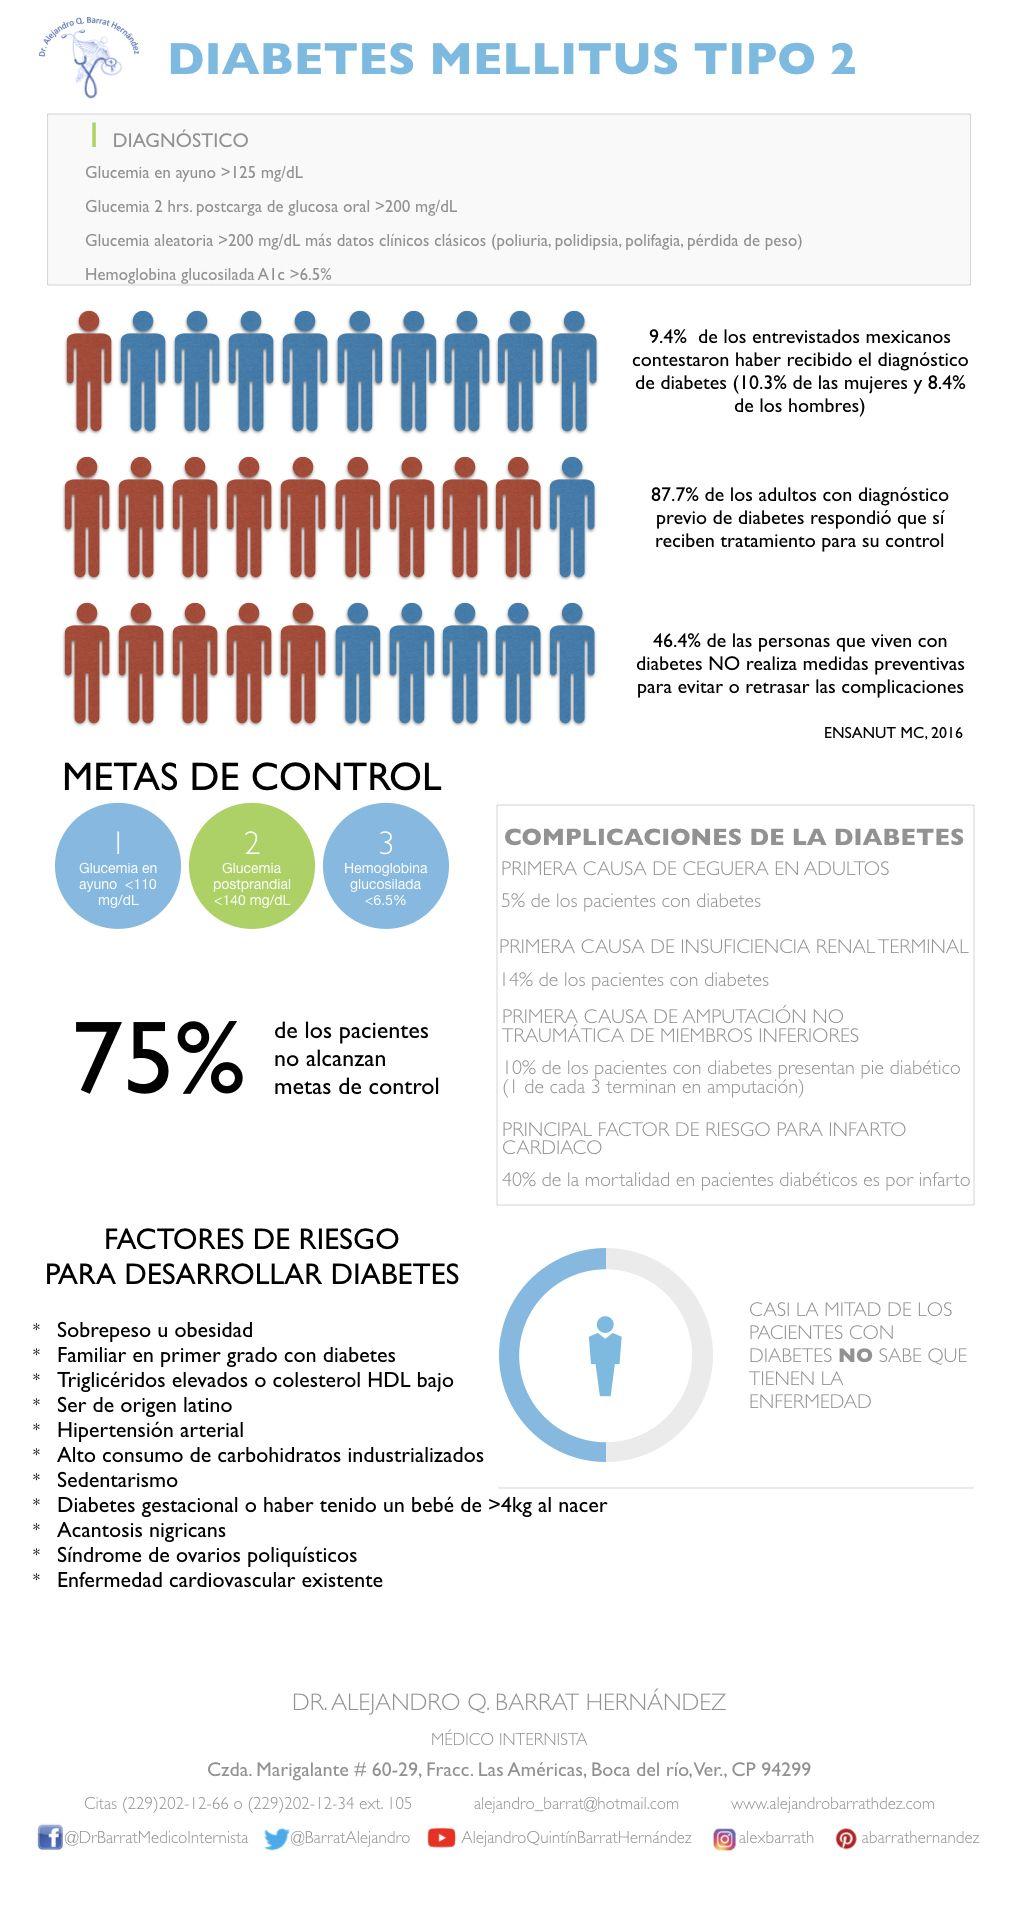 diagrama de flujo del tratamiento de diabetes tipo 2